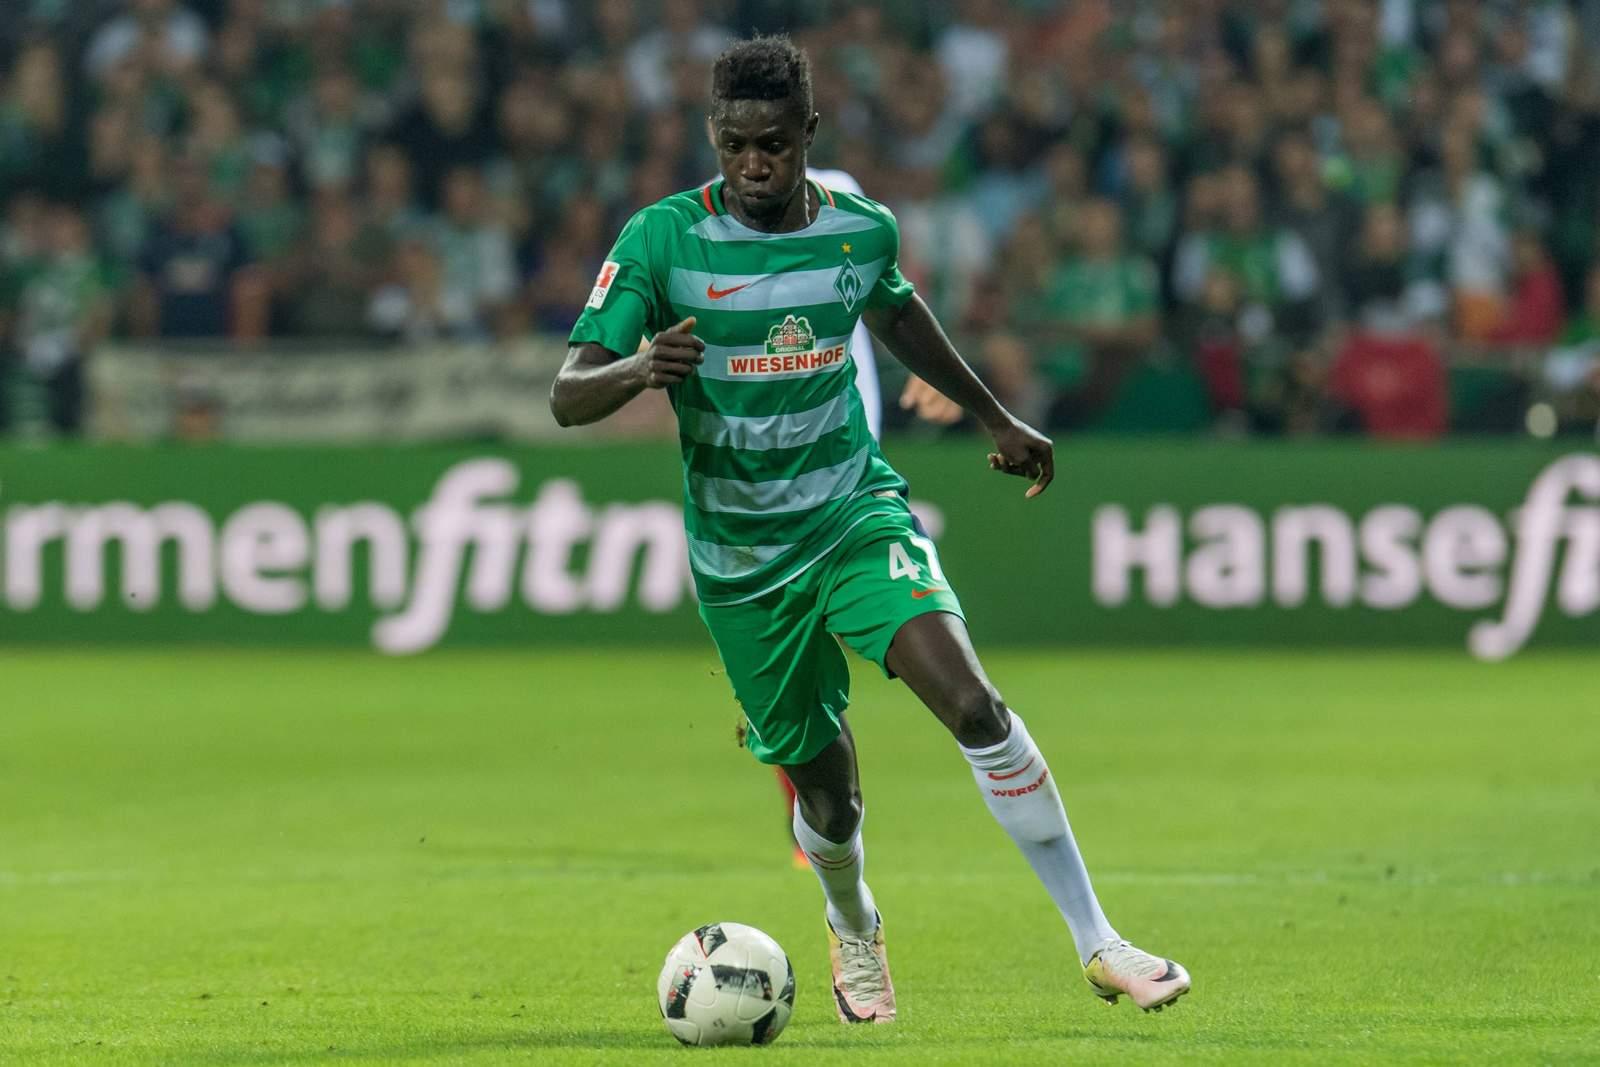 Ousman Manneh im Dribbling. Jetzt auf Leipzig gegen Werder Bremen wetten!